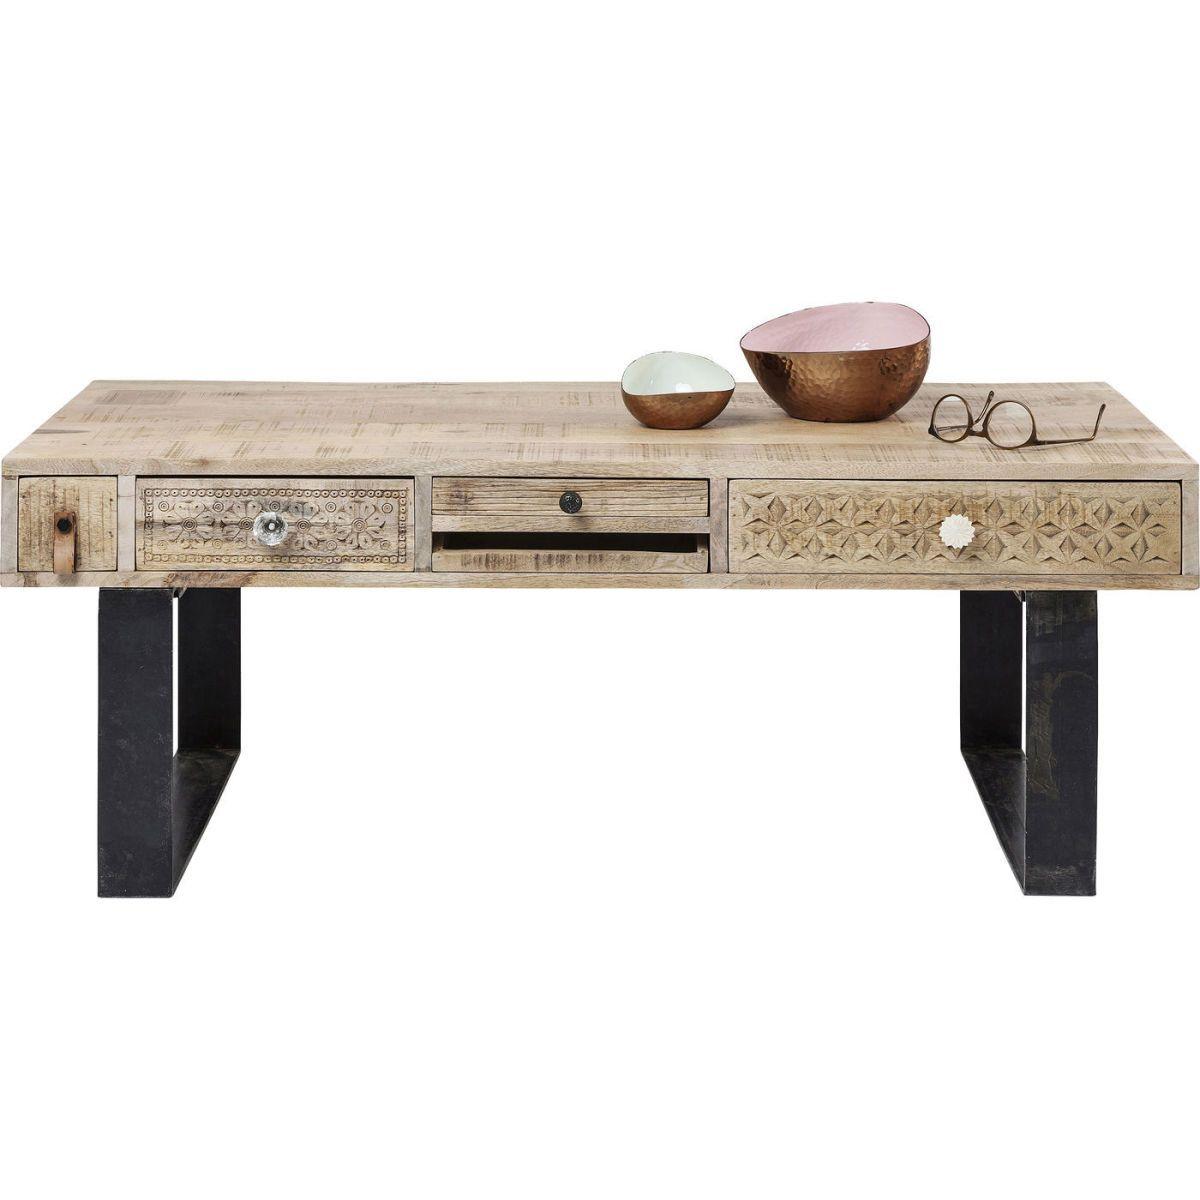 Wohnzimmer Tische | Couchtisch Puro 120x60cm Jetzt Bestellen Unter Https Moebel